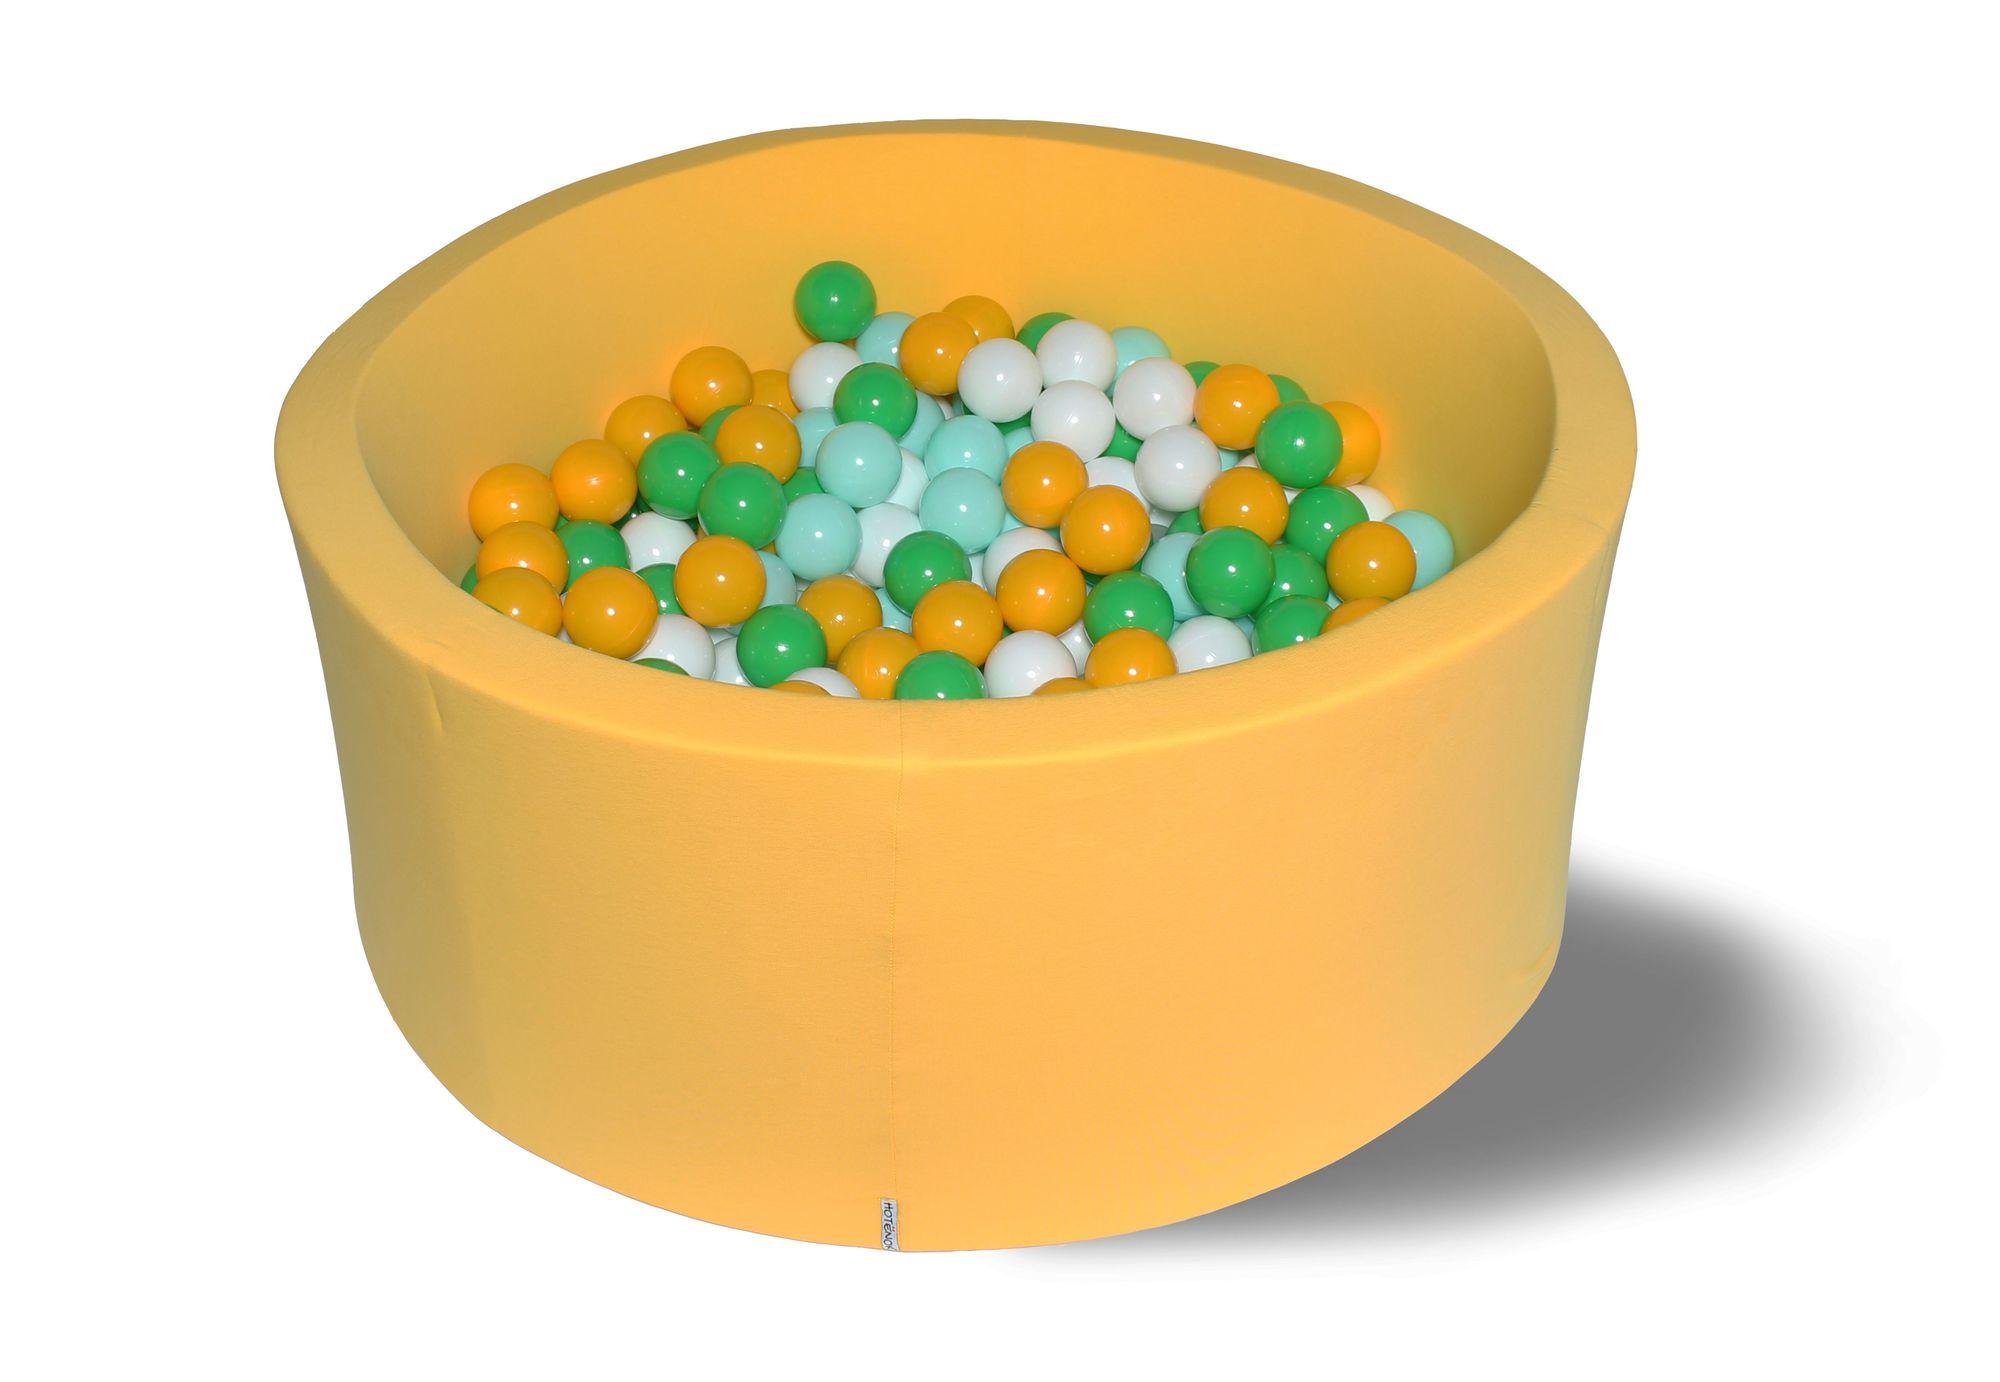 Купить Сухой игровой бассейн Солнечная поляна желтый 40см с 200 шарами: желт, бел, зелен, мятн, Hotenok, Сухие бассейны